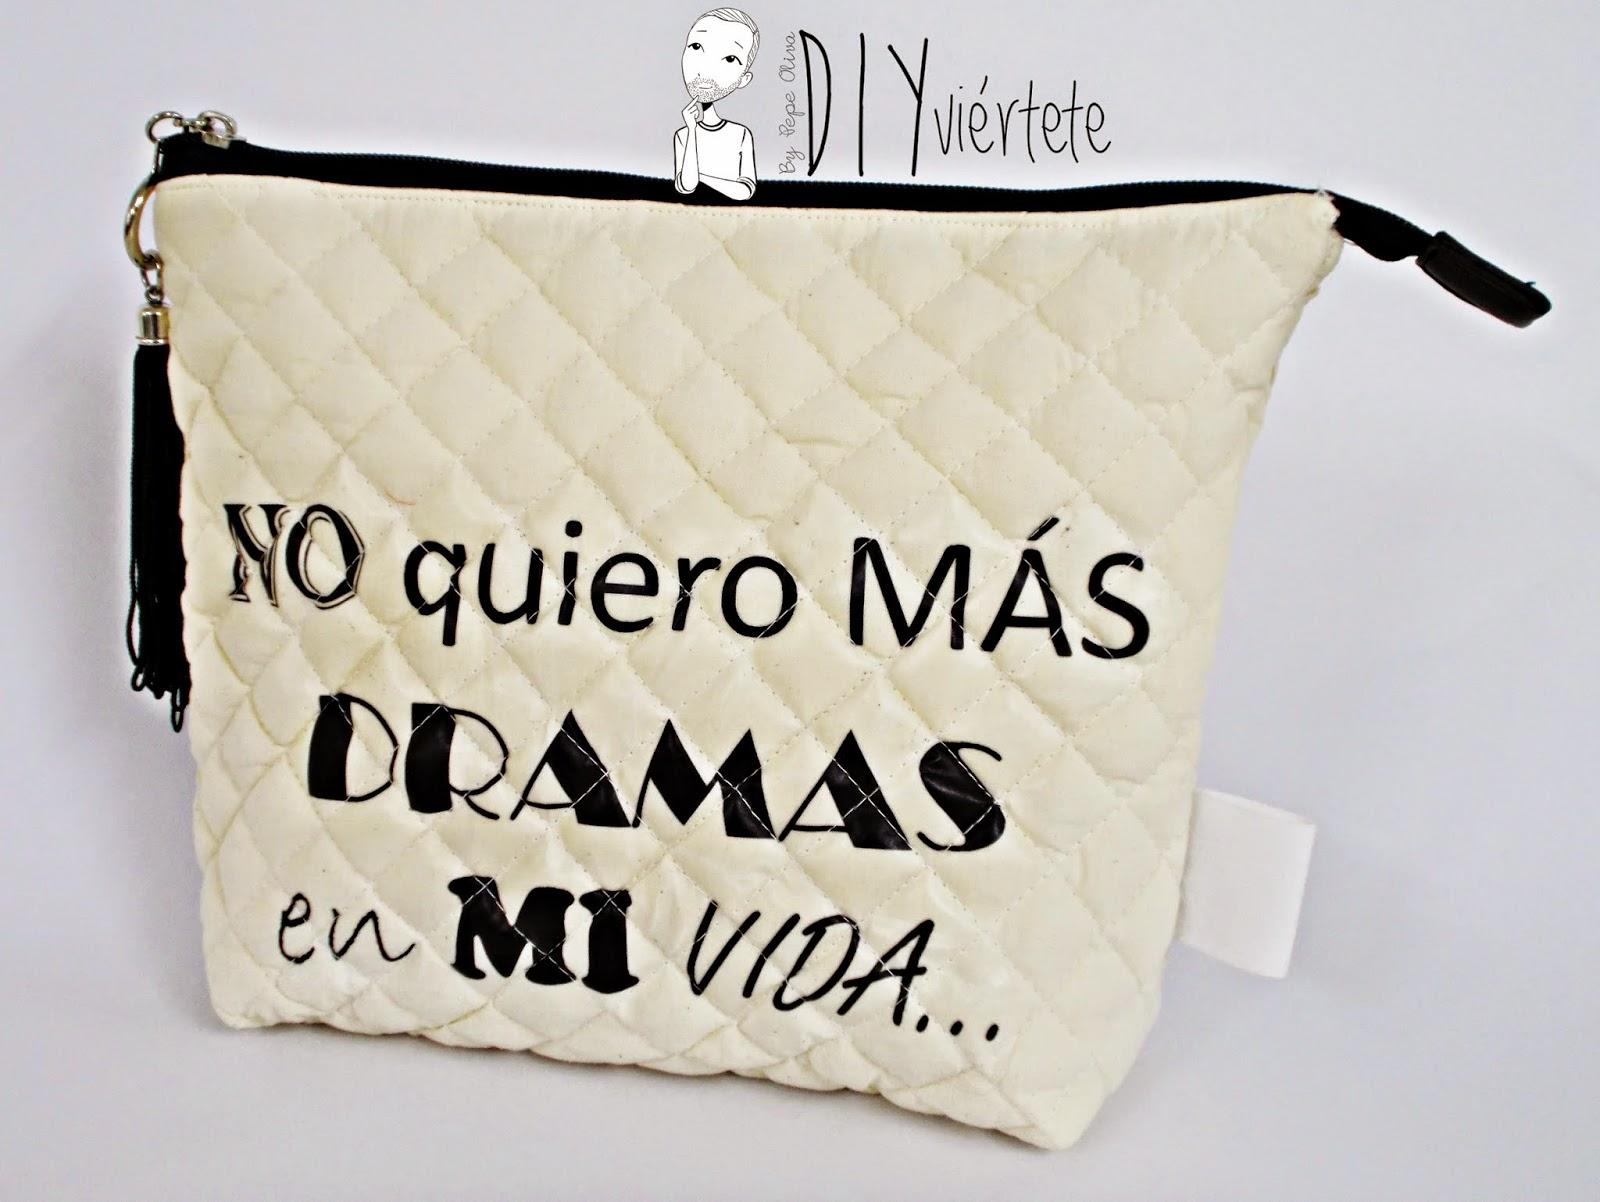 DIY-costura-clutch-cartera-neceser-bolsito-monedero-letras-fangoria-dramas y comedias-frases- (1)2